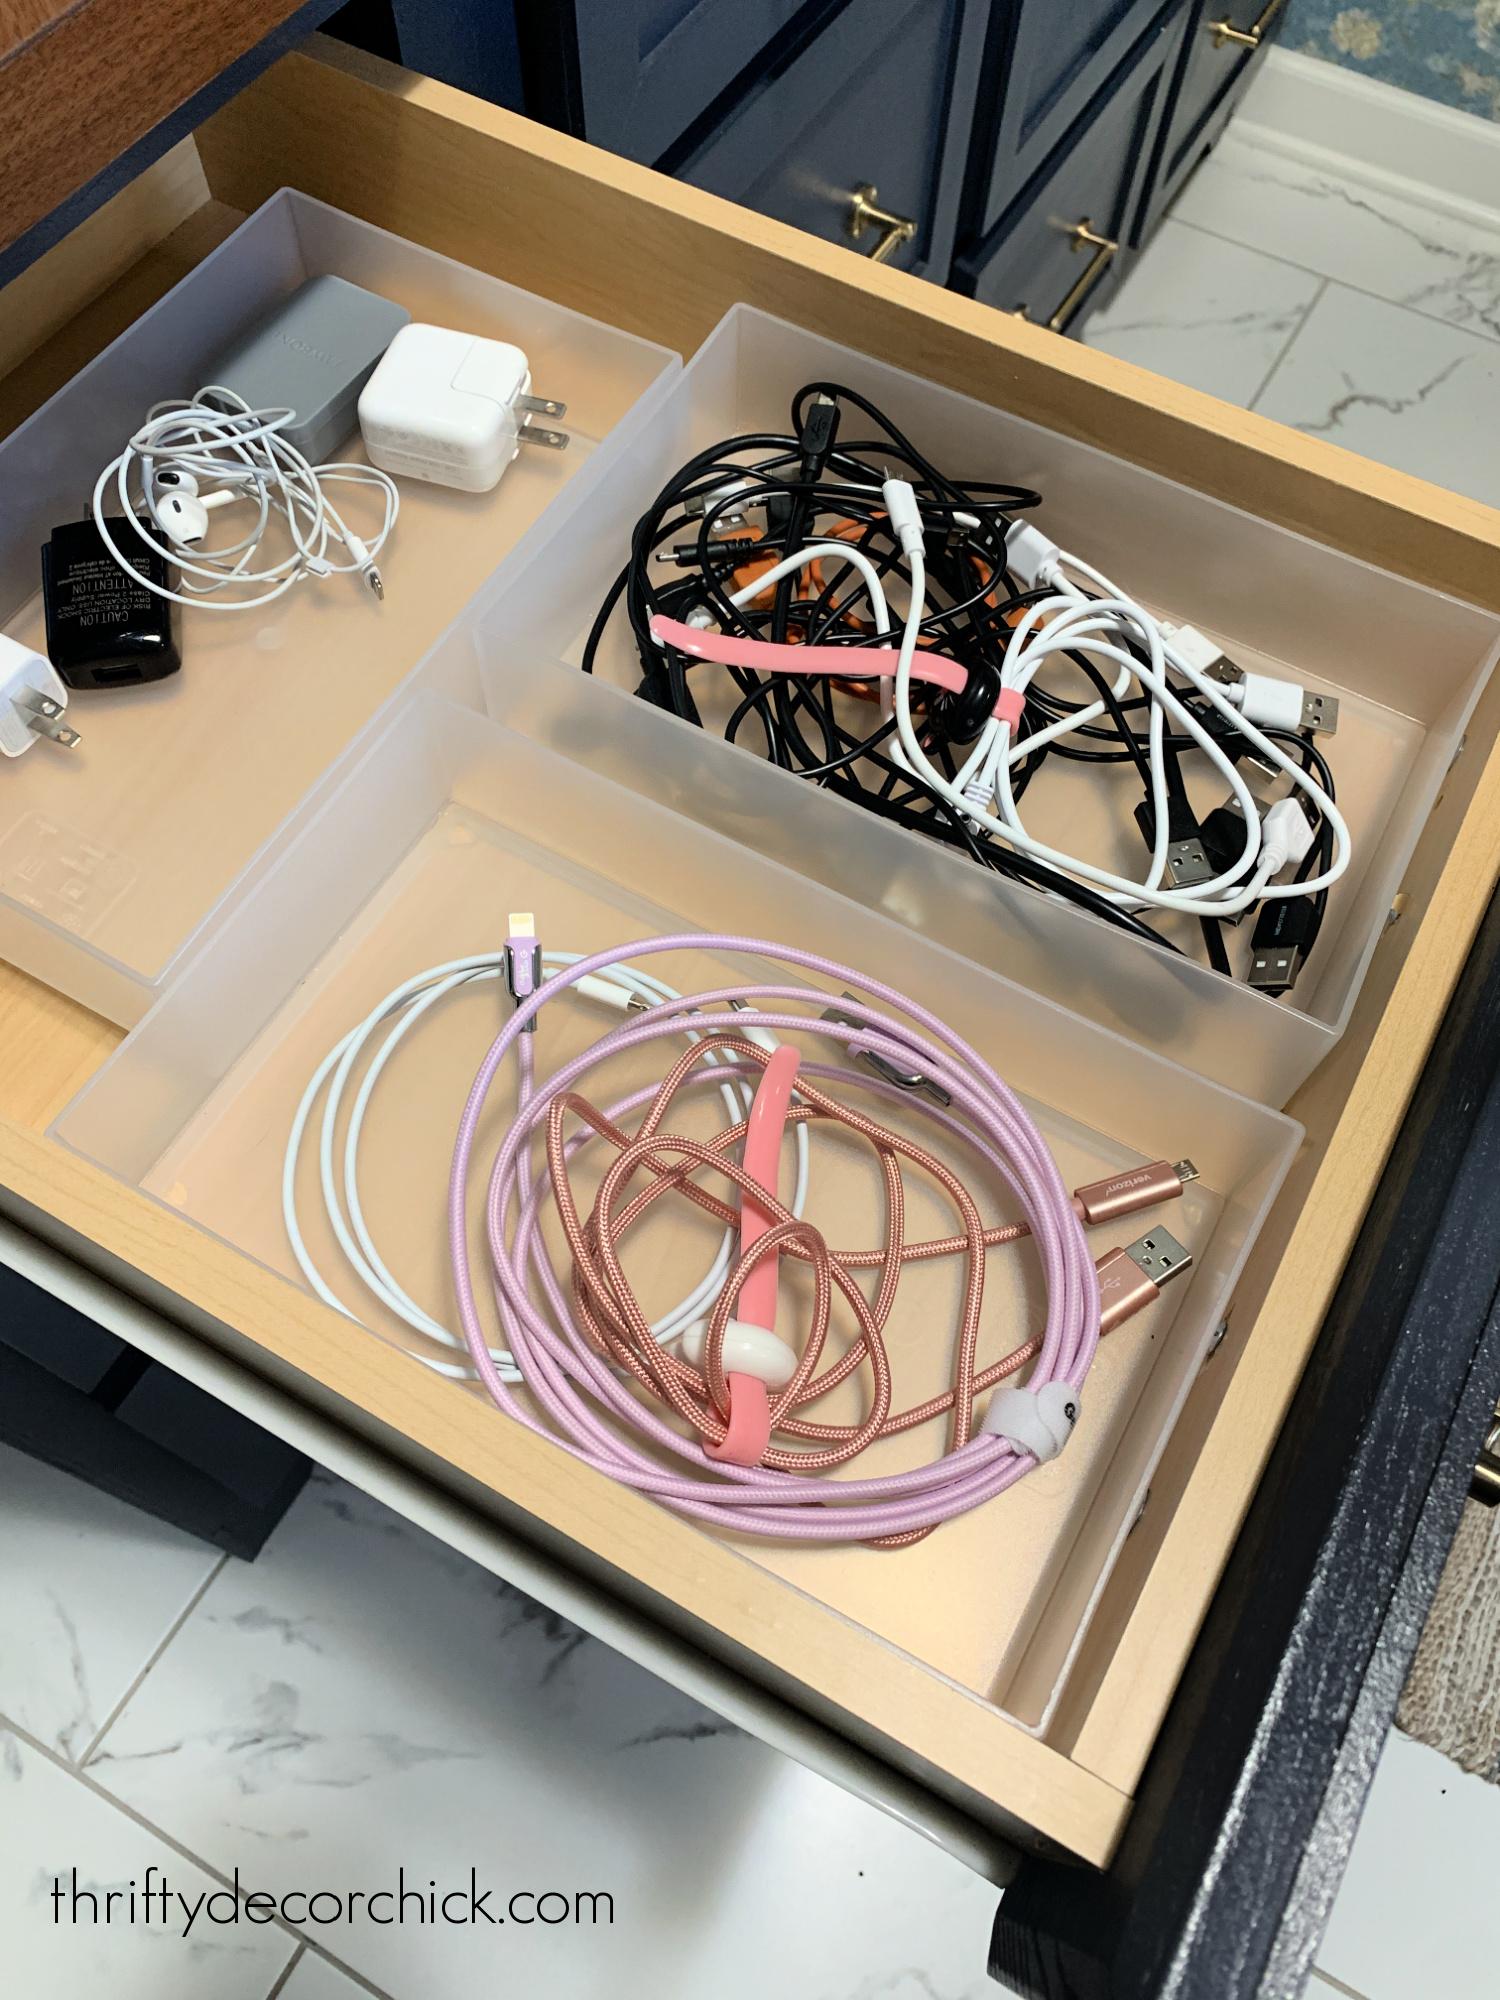 prevent sliding in drawers